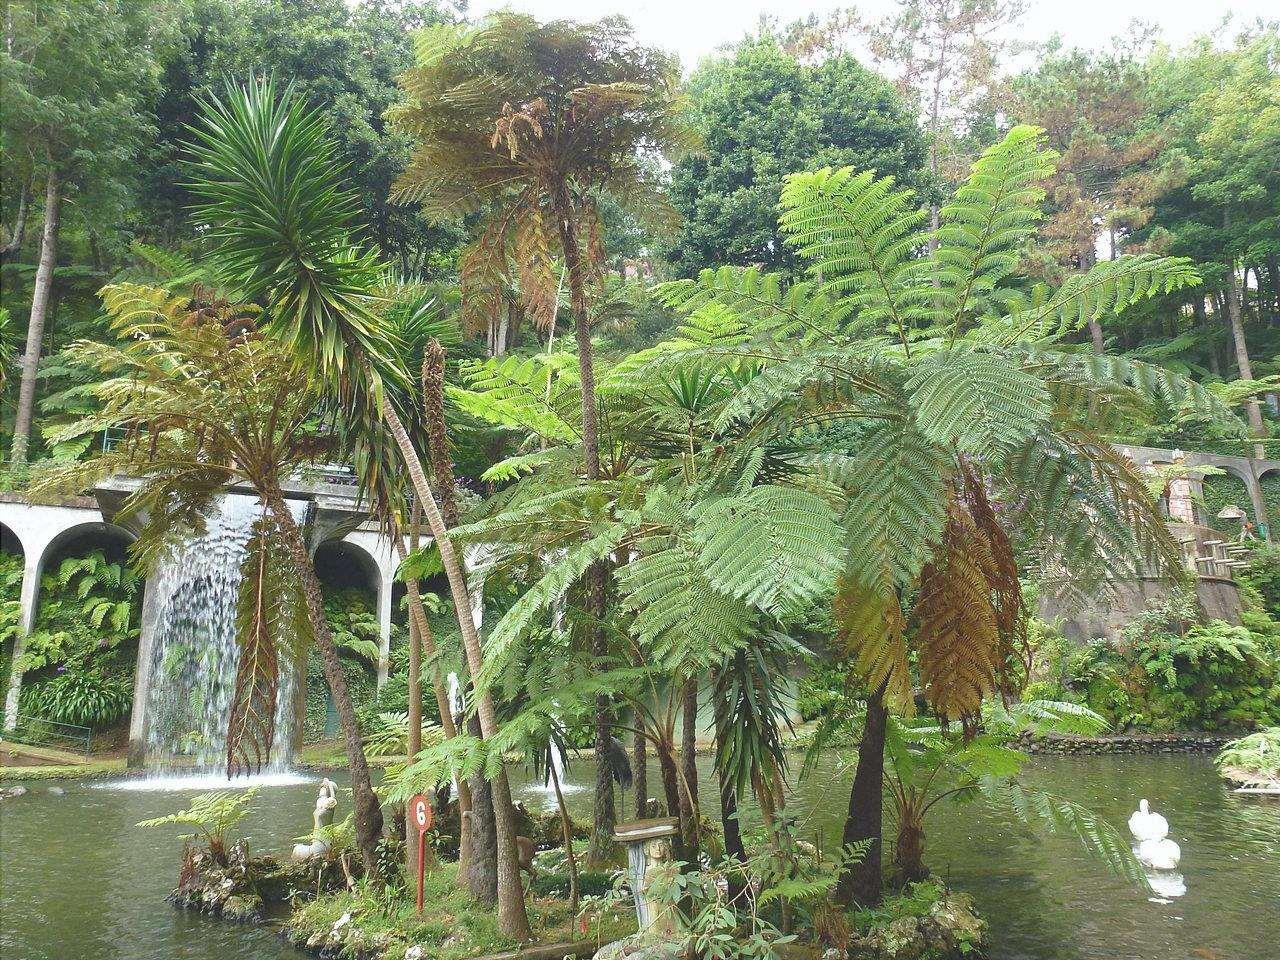 Il giardino tropicale è caratterizzato da piante esotiche.